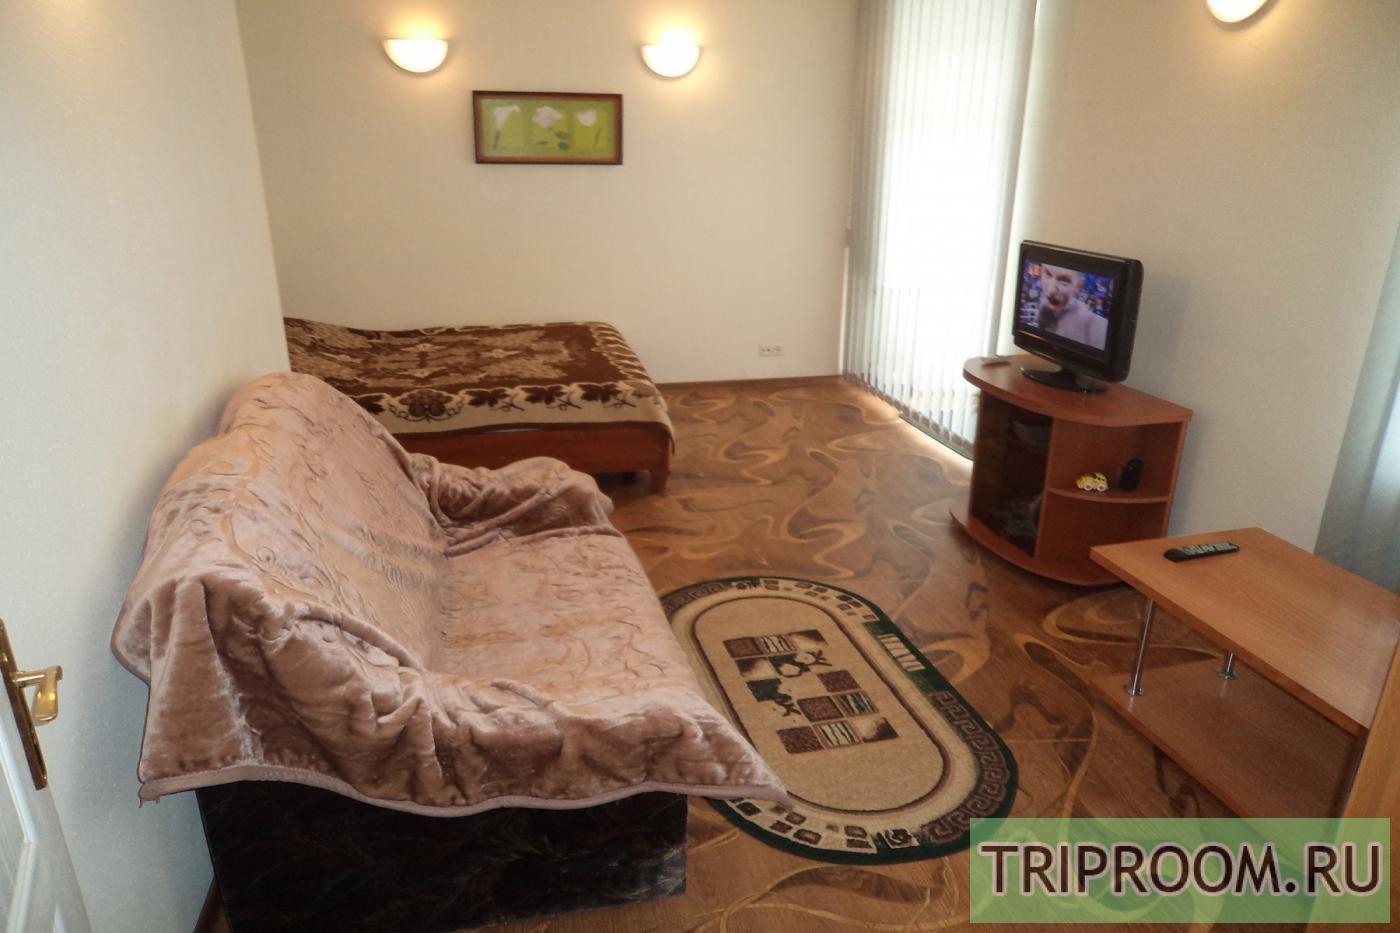 1-комнатная квартира посуточно (вариант № 23823), ул. БОльшая Морская улица, фото № 5